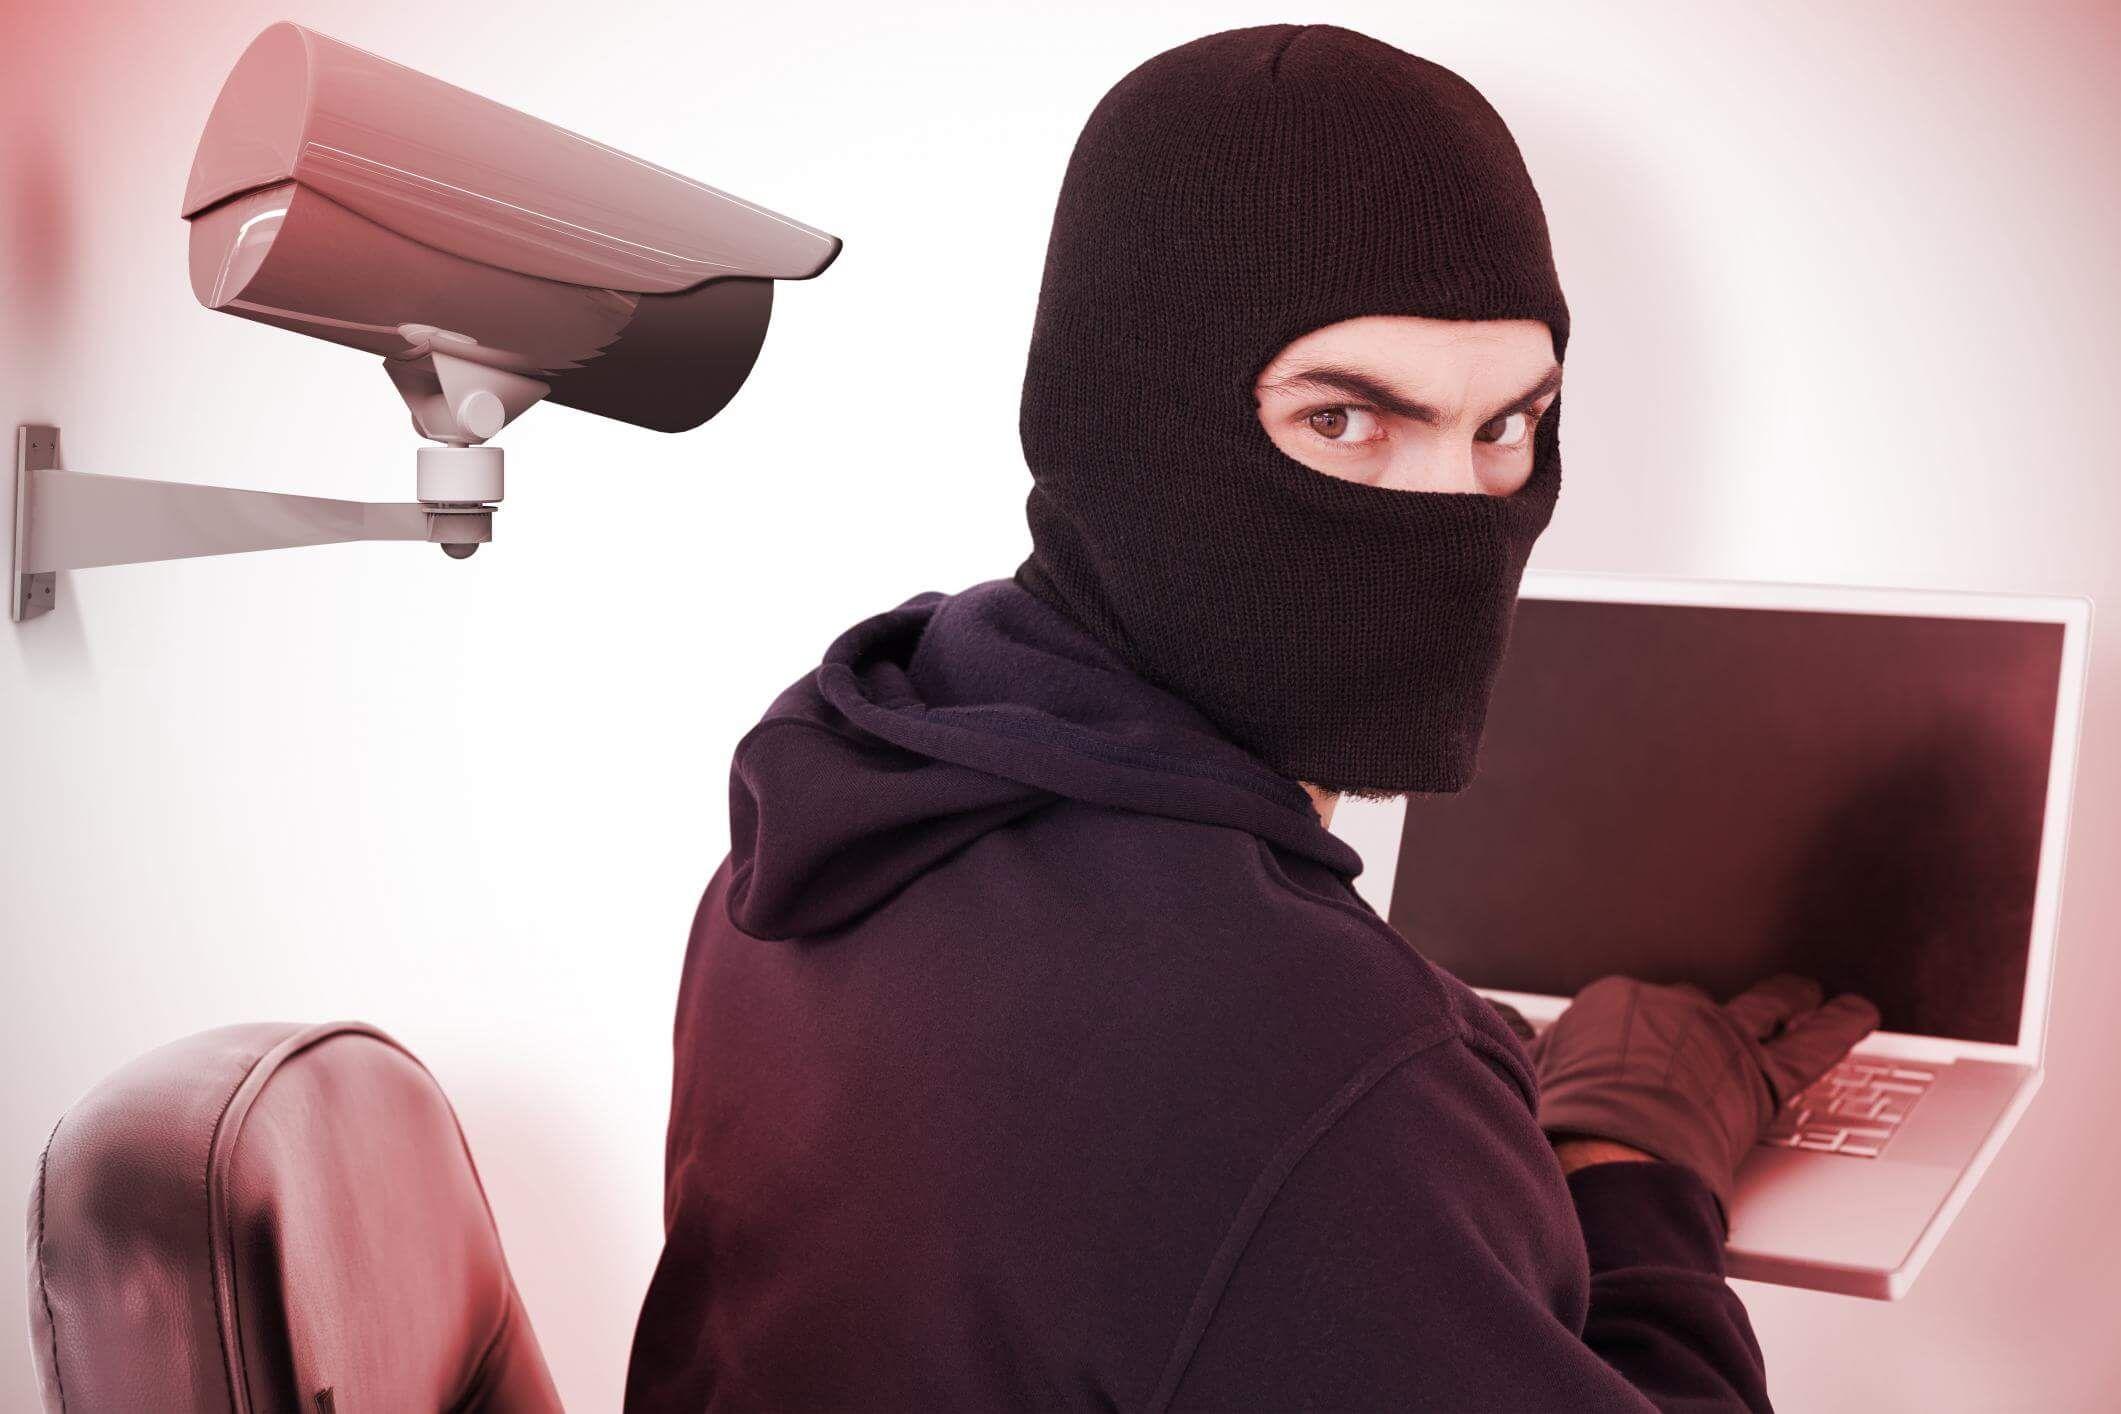 آموزش جلوگیری از هک دوربین مداربسته